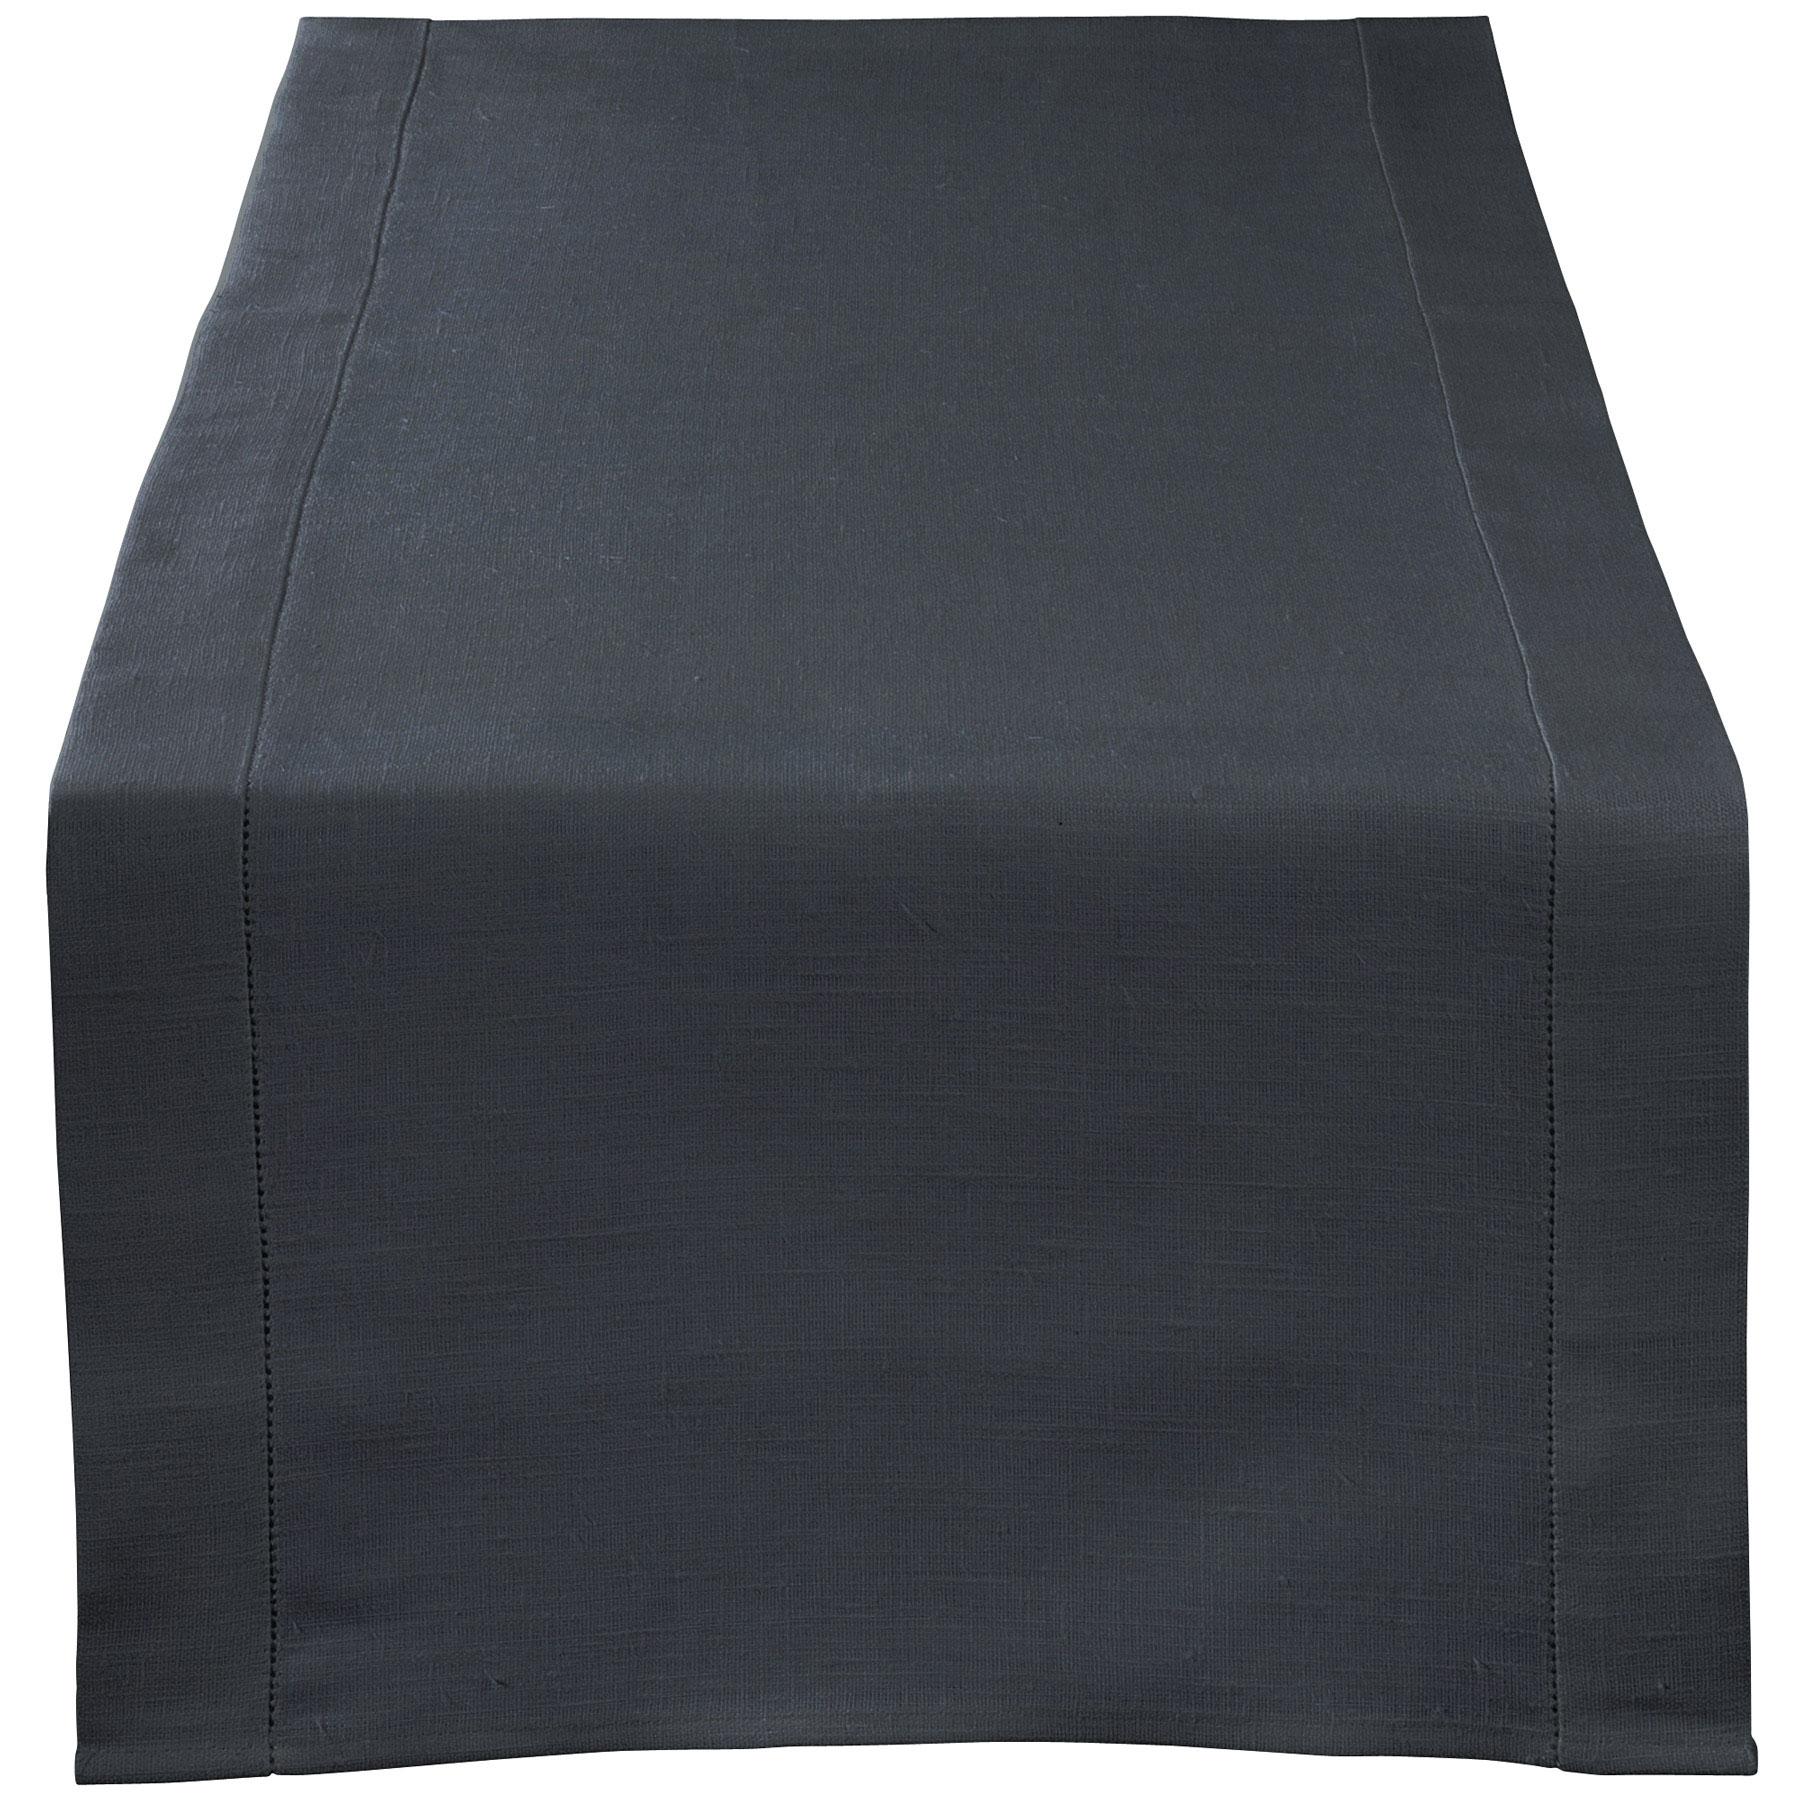 TABLE RUNNER <br />asphalt gray